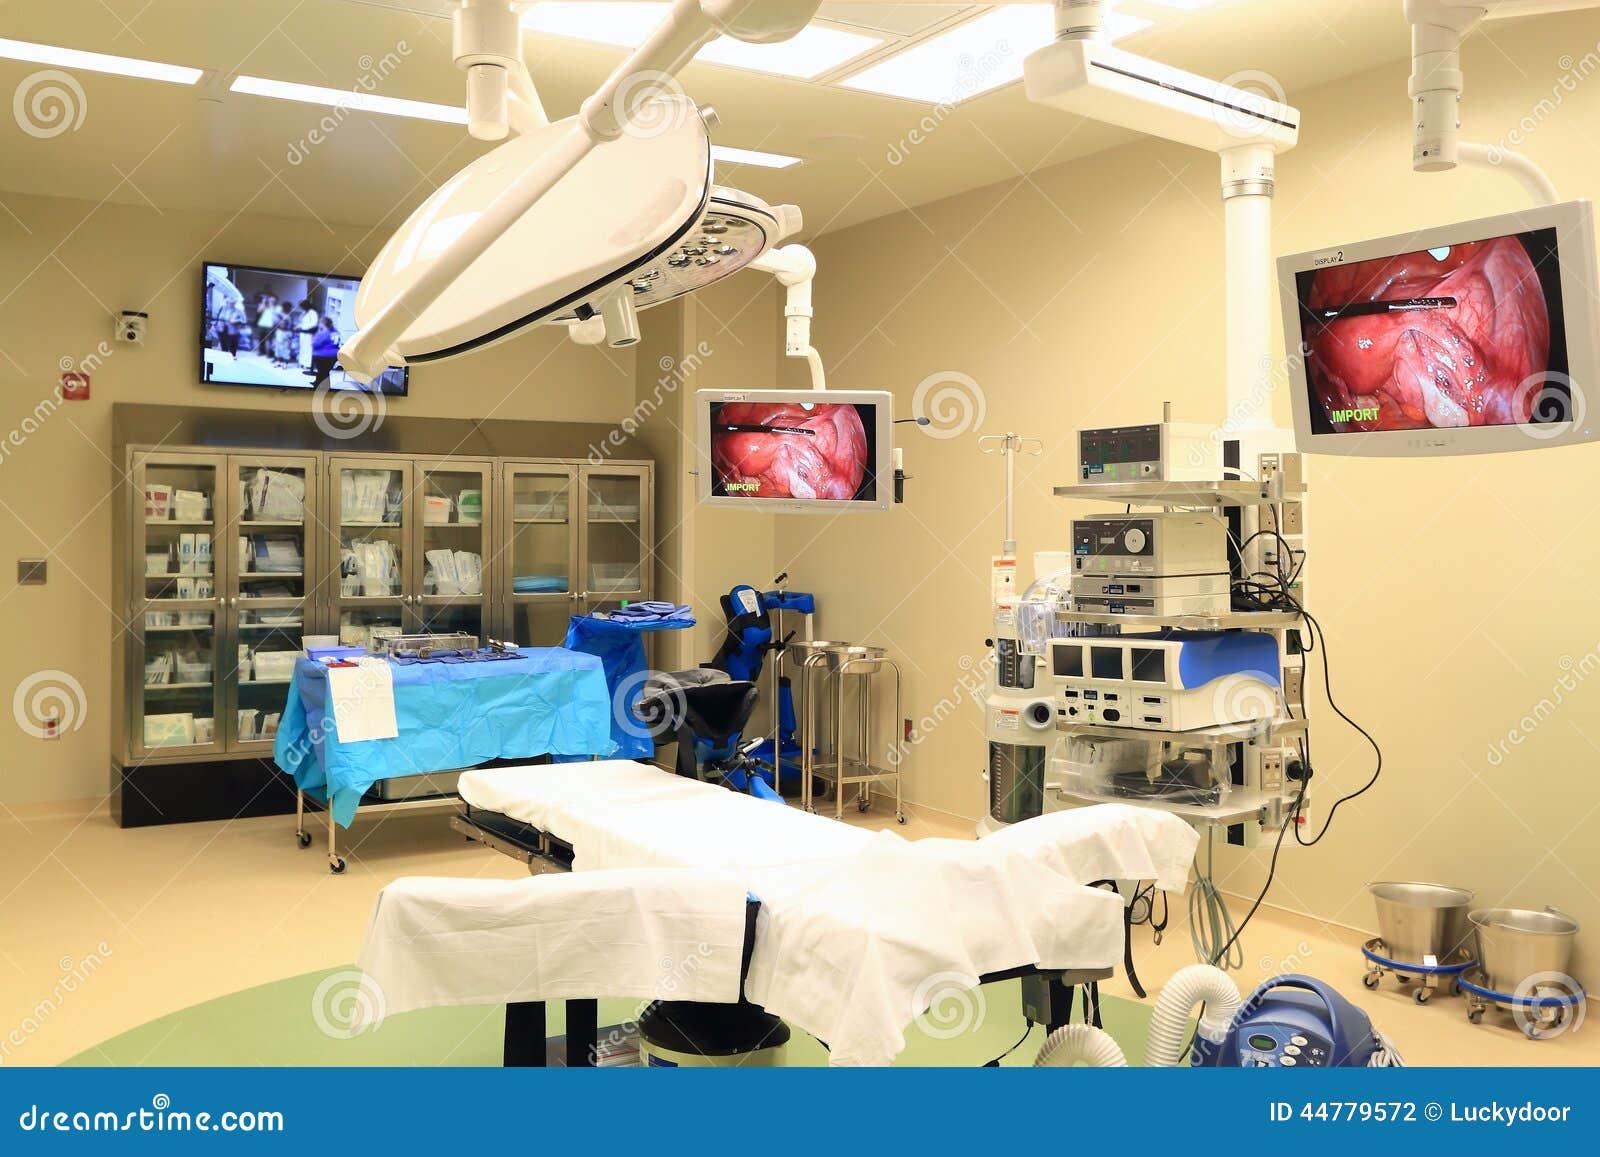 手術室 庫存照片 - 圖片: 44779572圖片